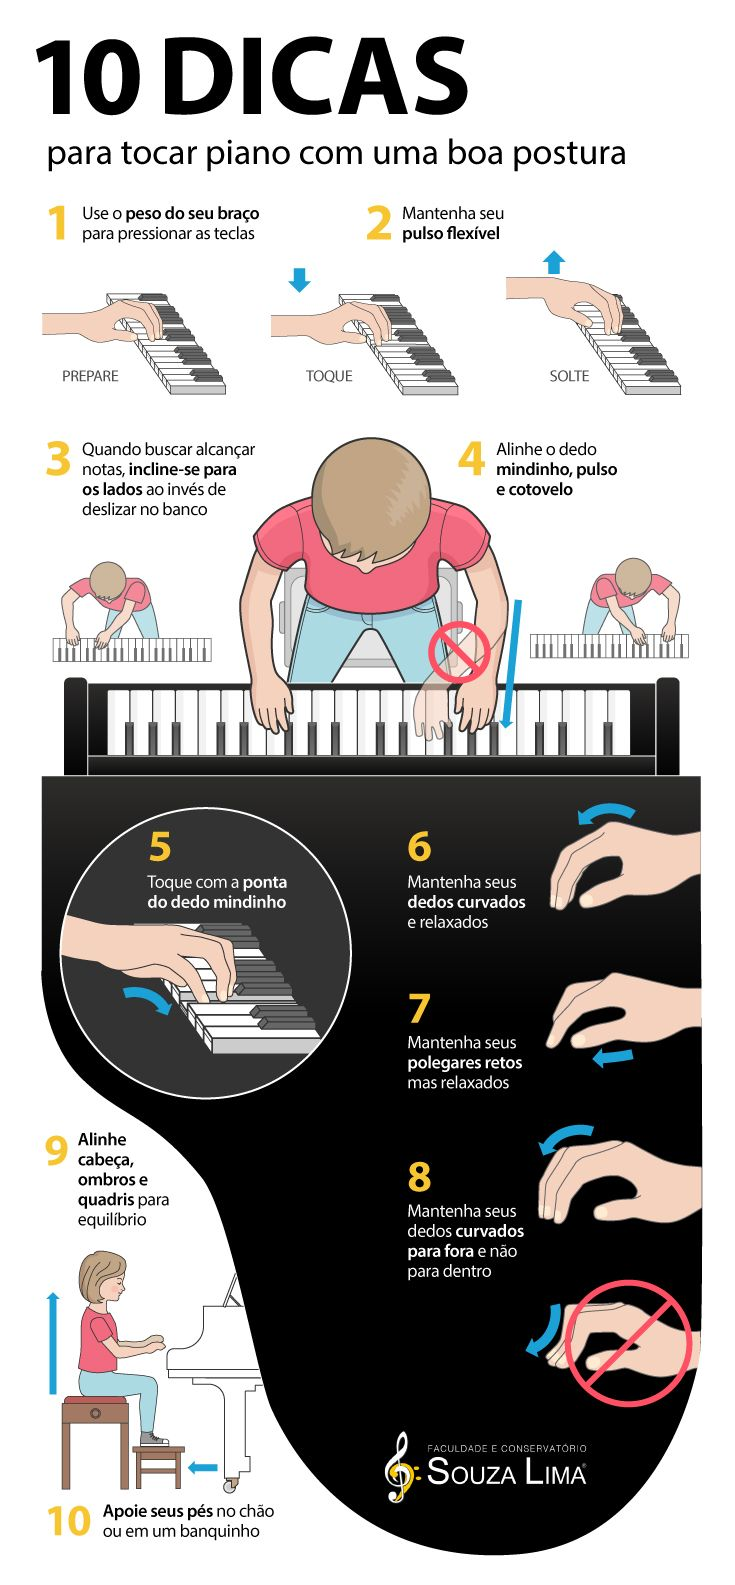 Postura no Piano – 10 Dicas para Tocar Piano Com a Postura Correta.  #piano #pianista #pianist #muisc #música #músico